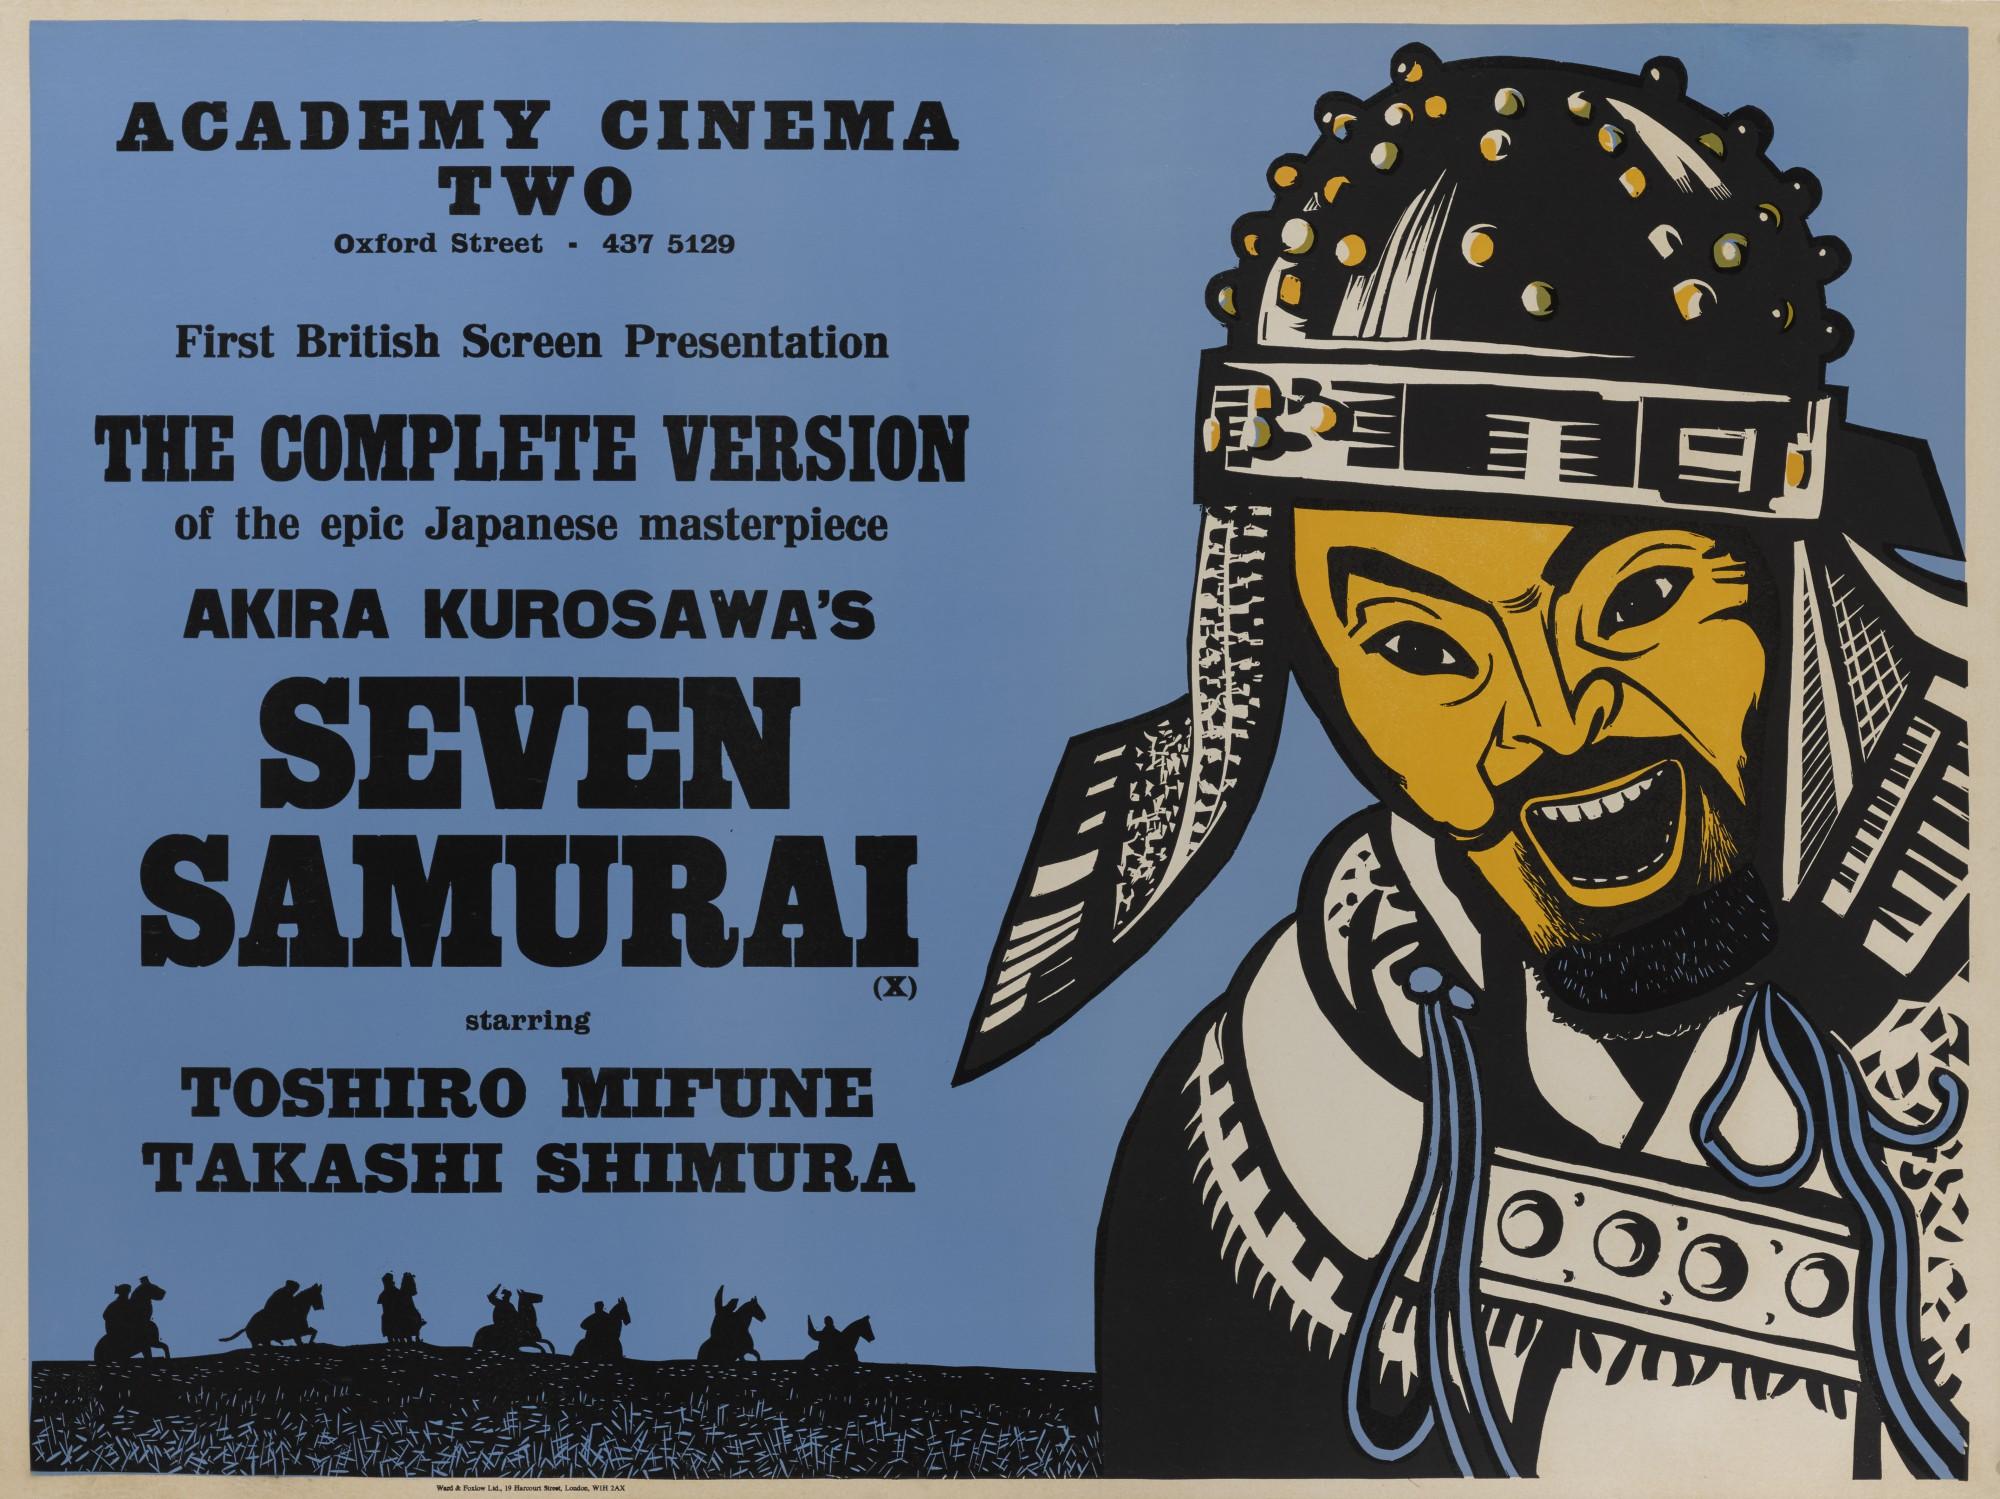 THE SEVEN SAMURAI (1954) POSTER, US